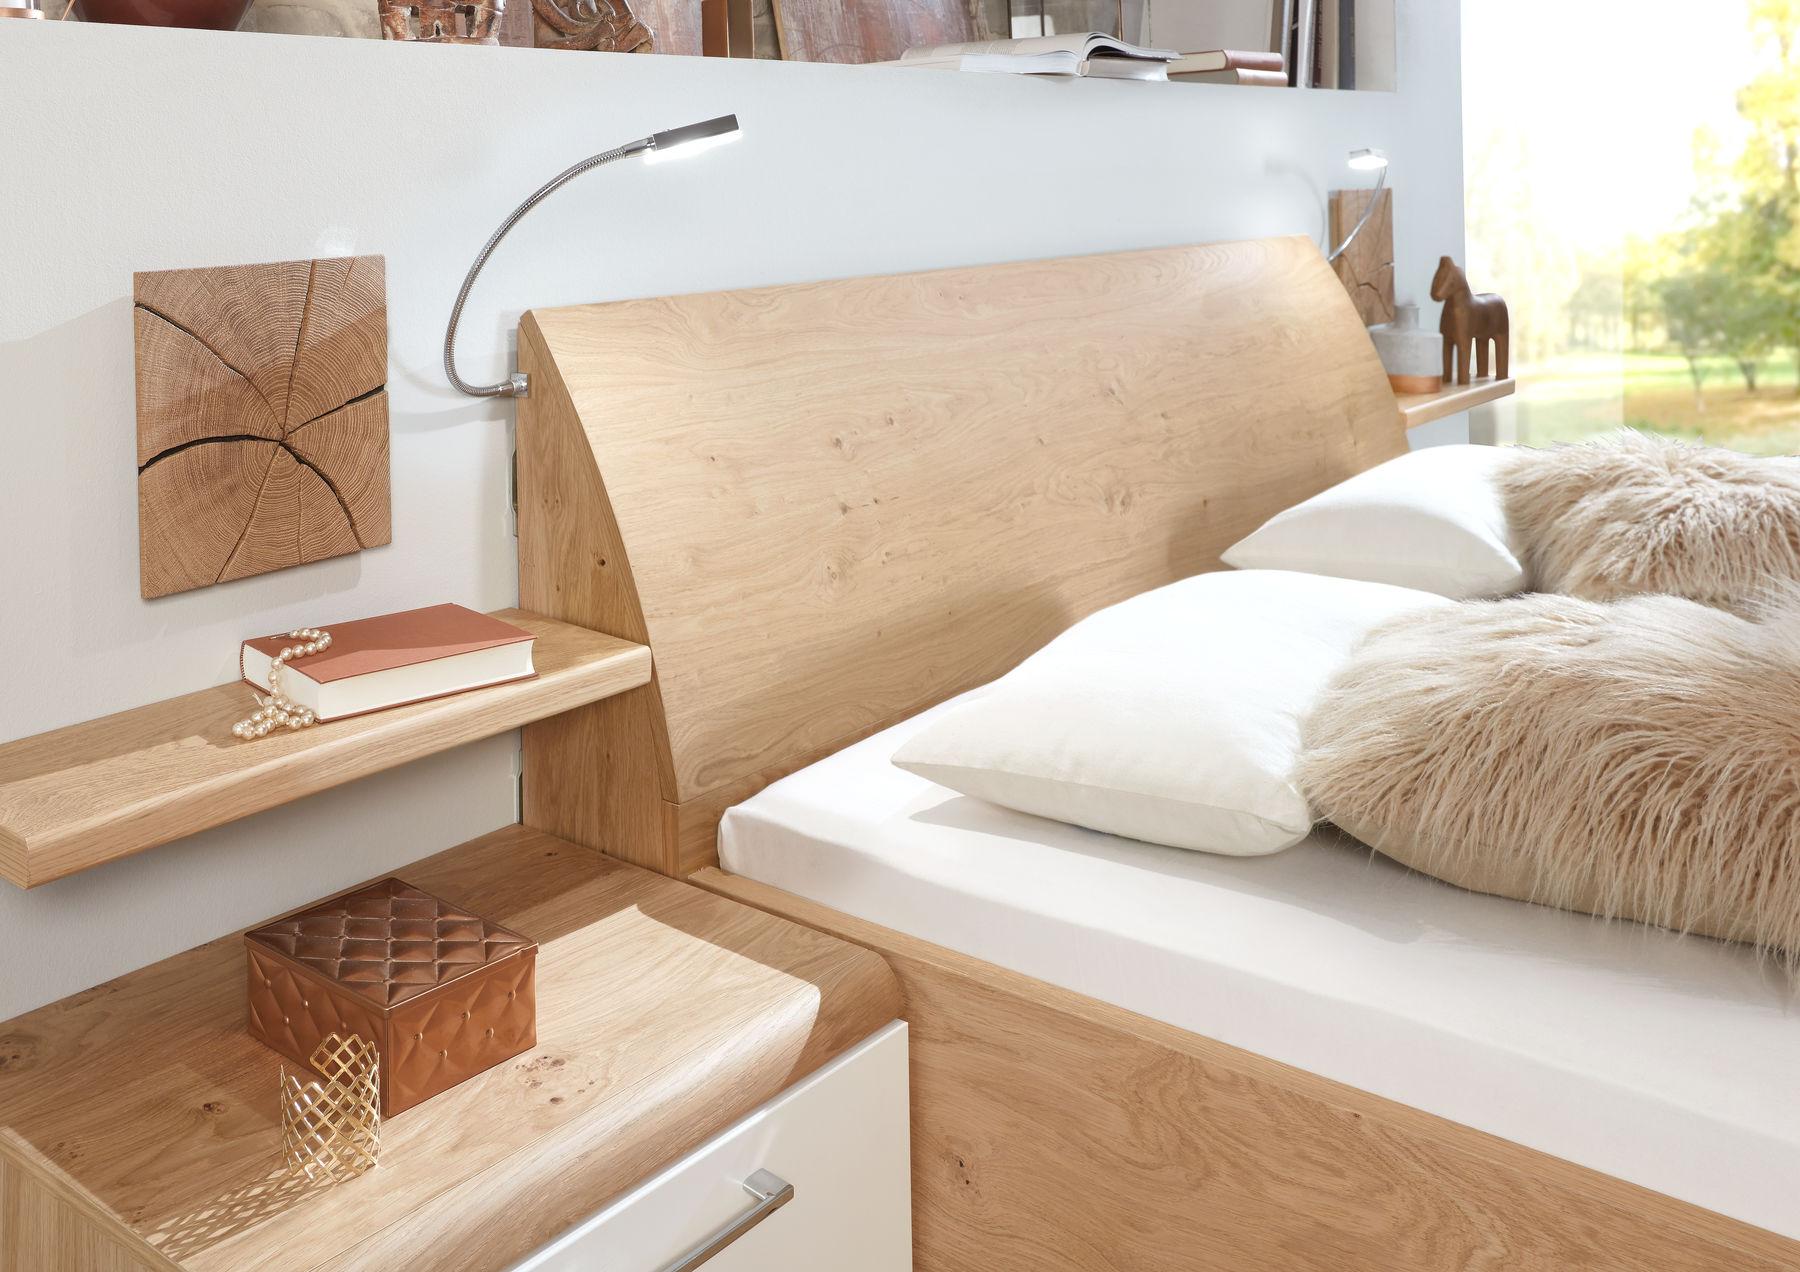 Disselkamp – Schlafträume von Disselkamp   Cena